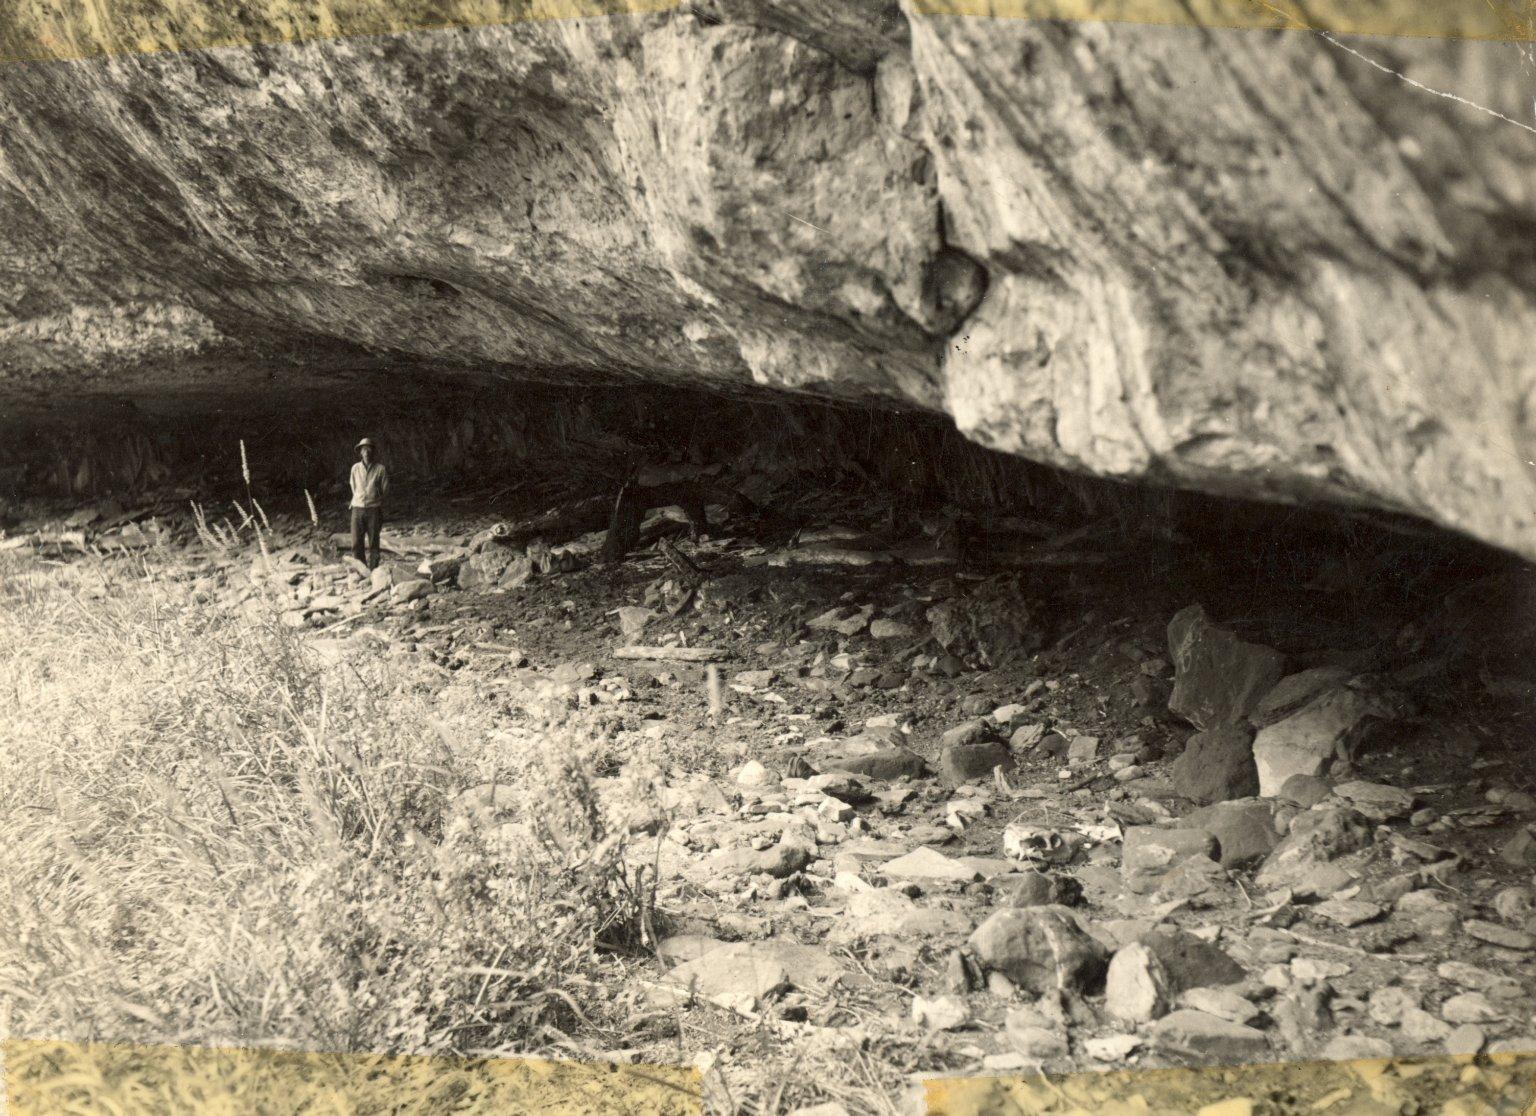 Rock shelter in Lindenmeier Site